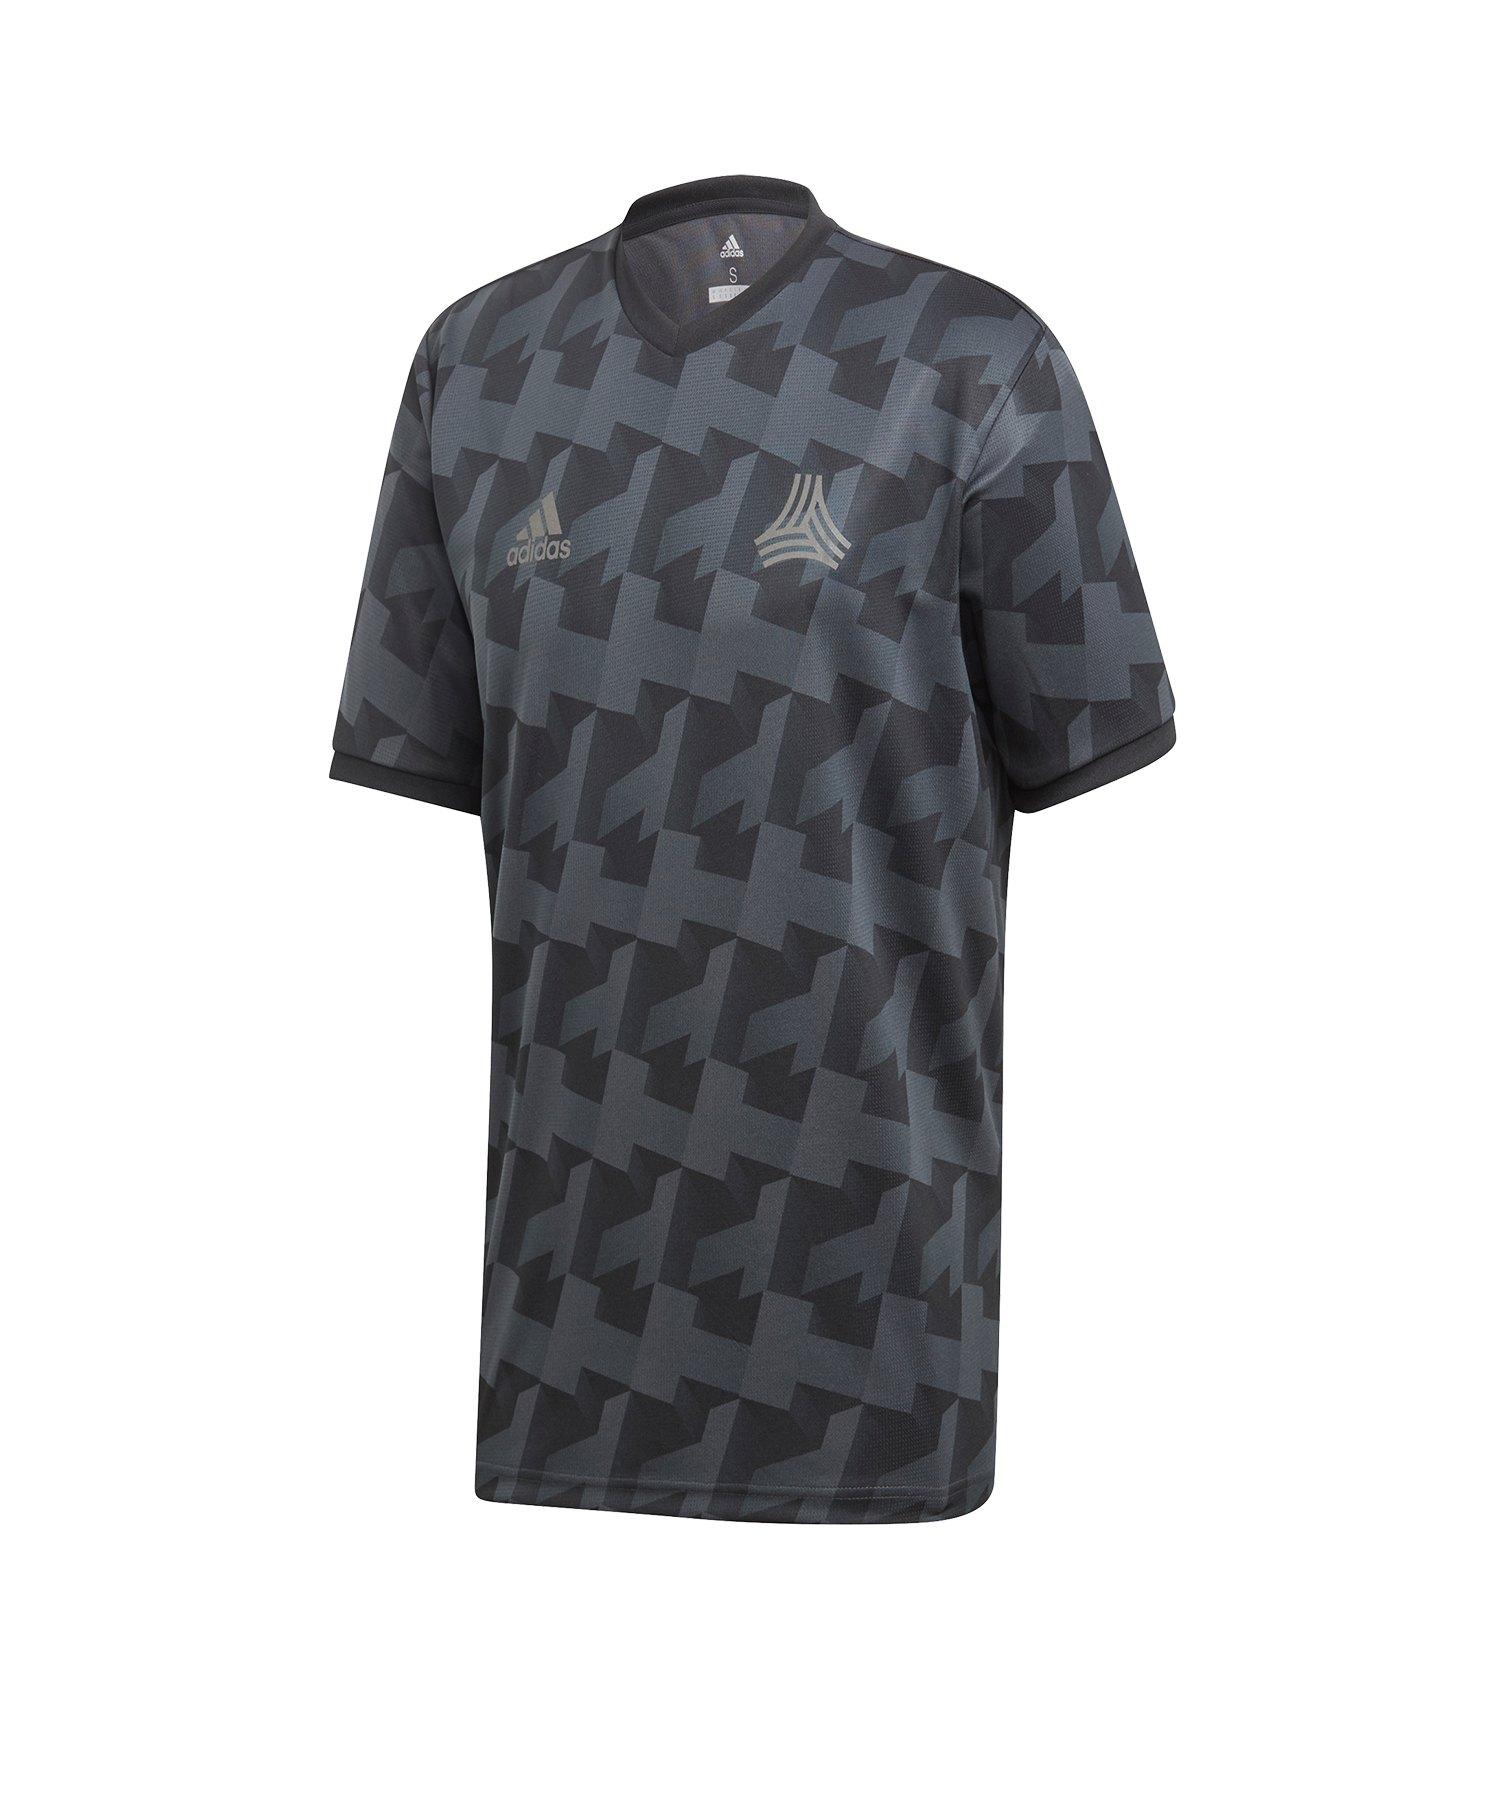 adidas Tango All Over Print T-Shirt Grau - grau